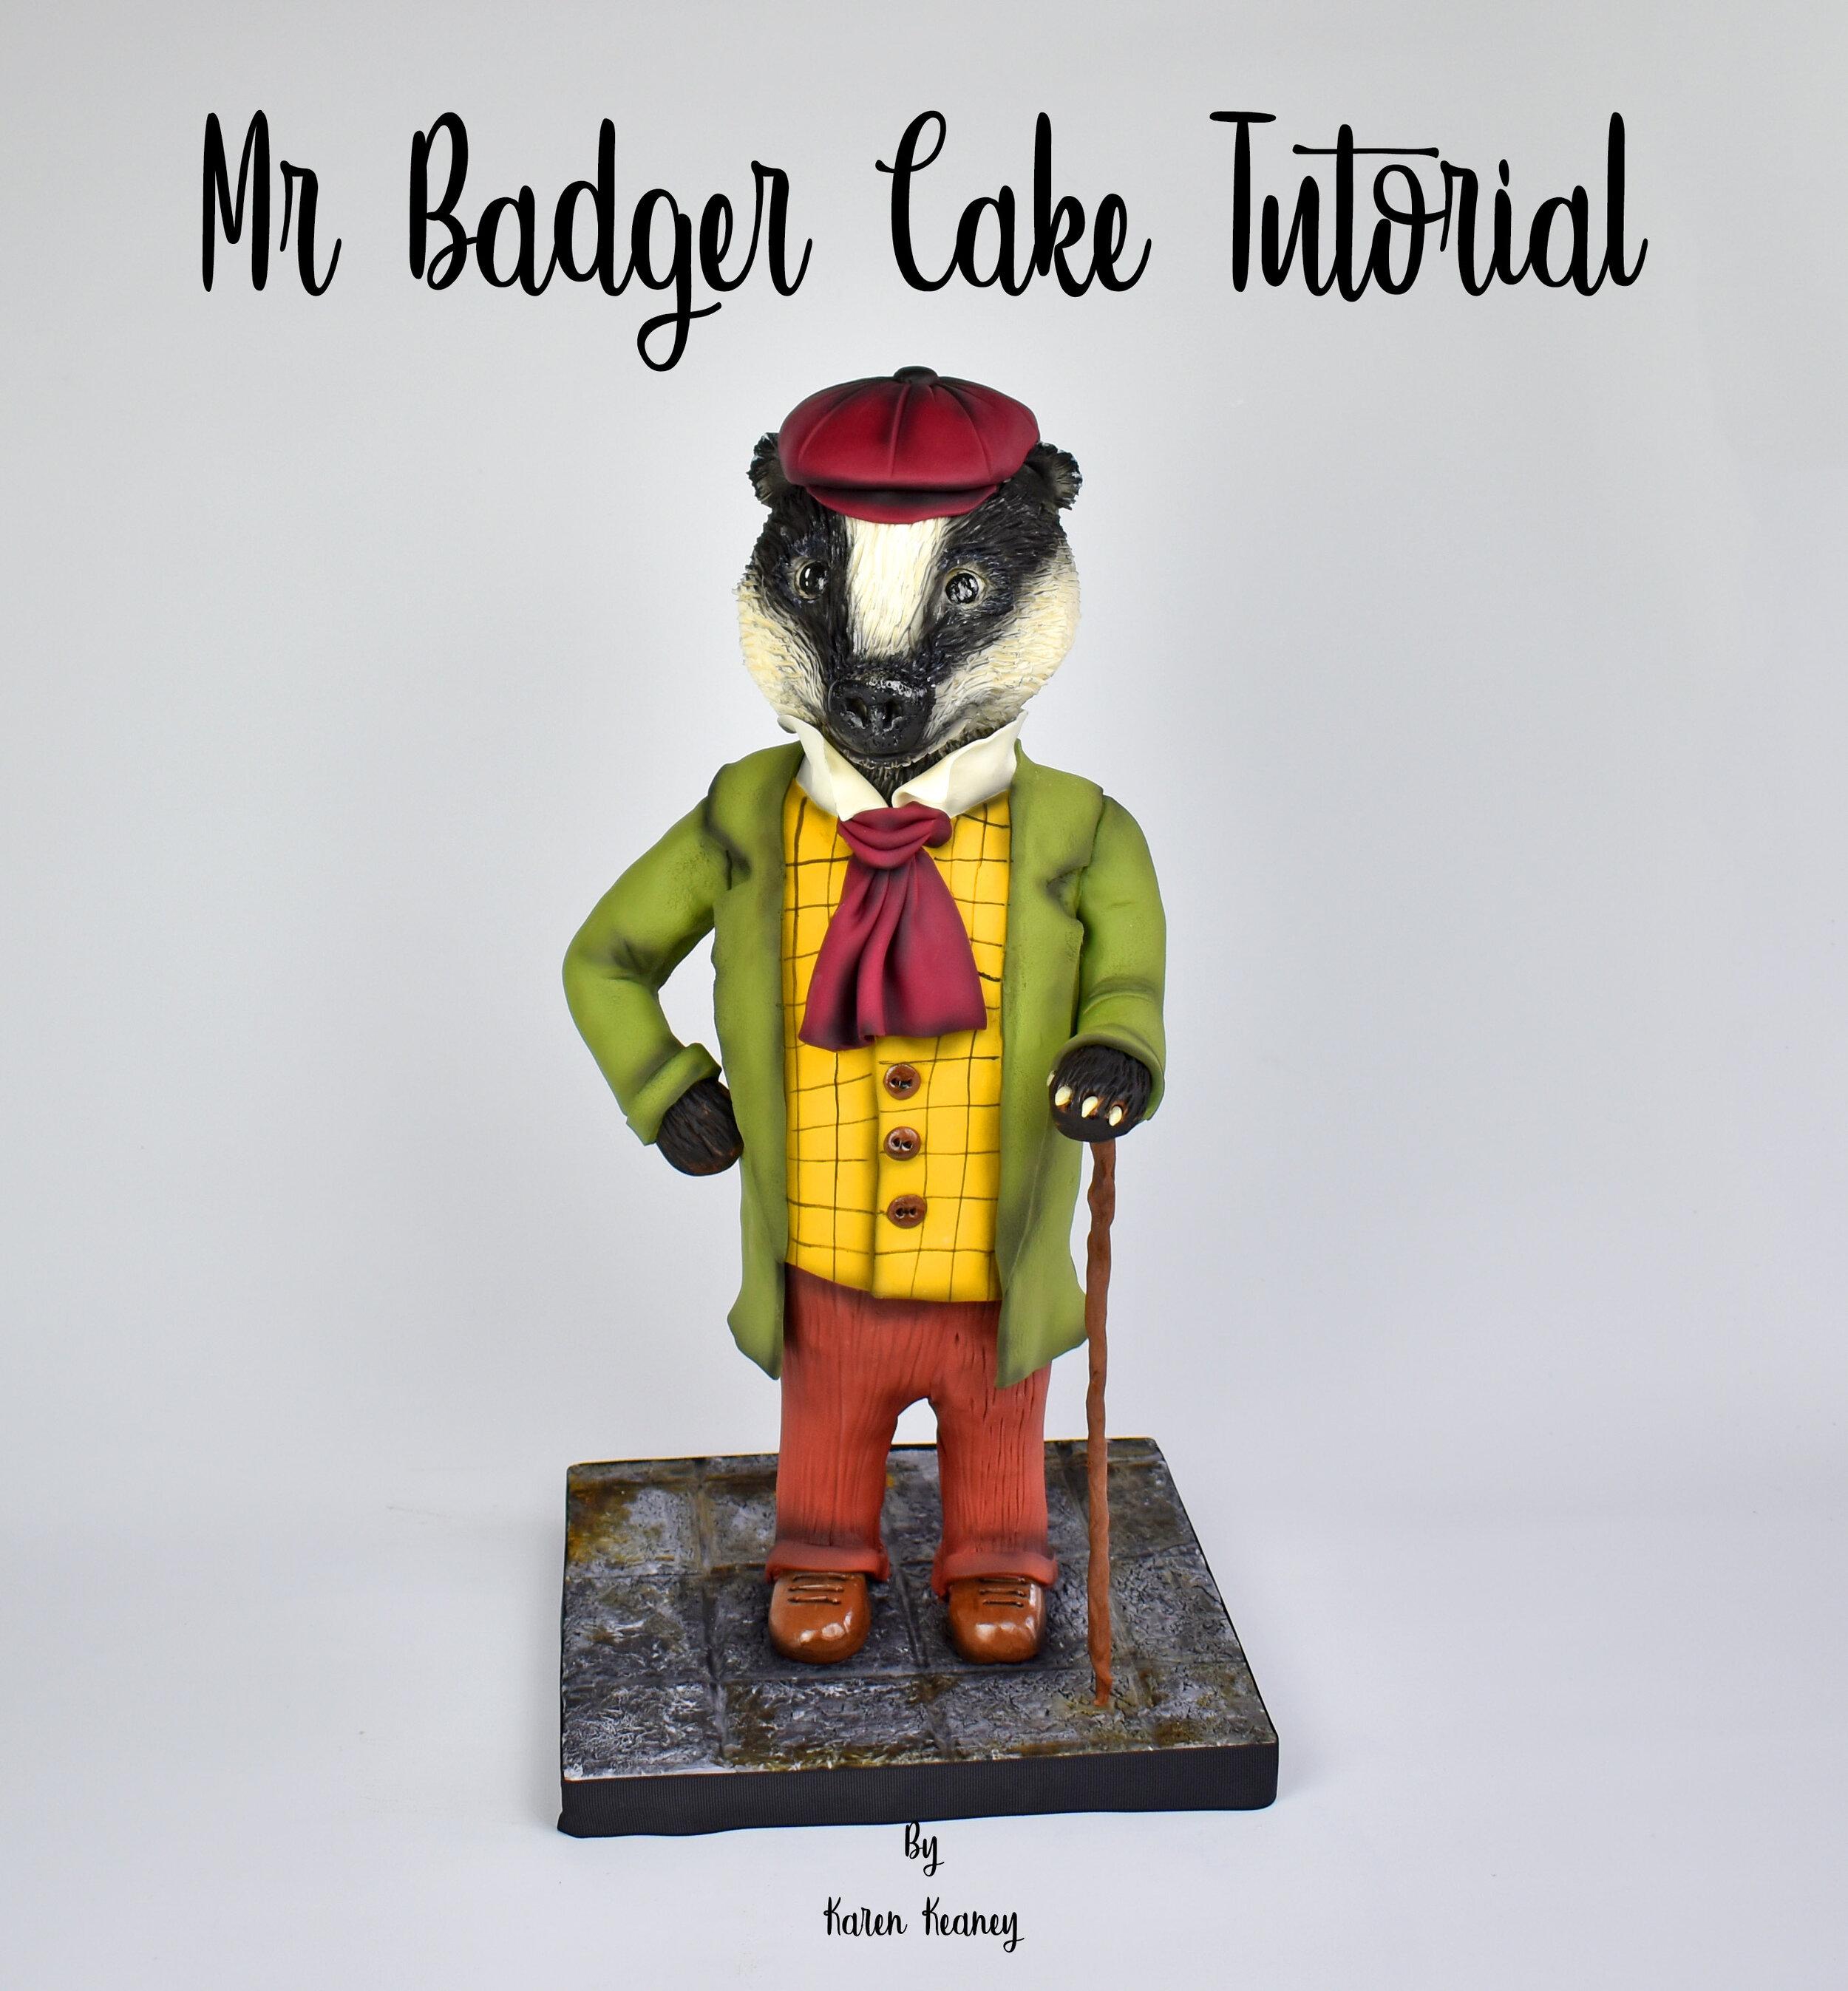 Mr Badger Cake yt poster.jpg